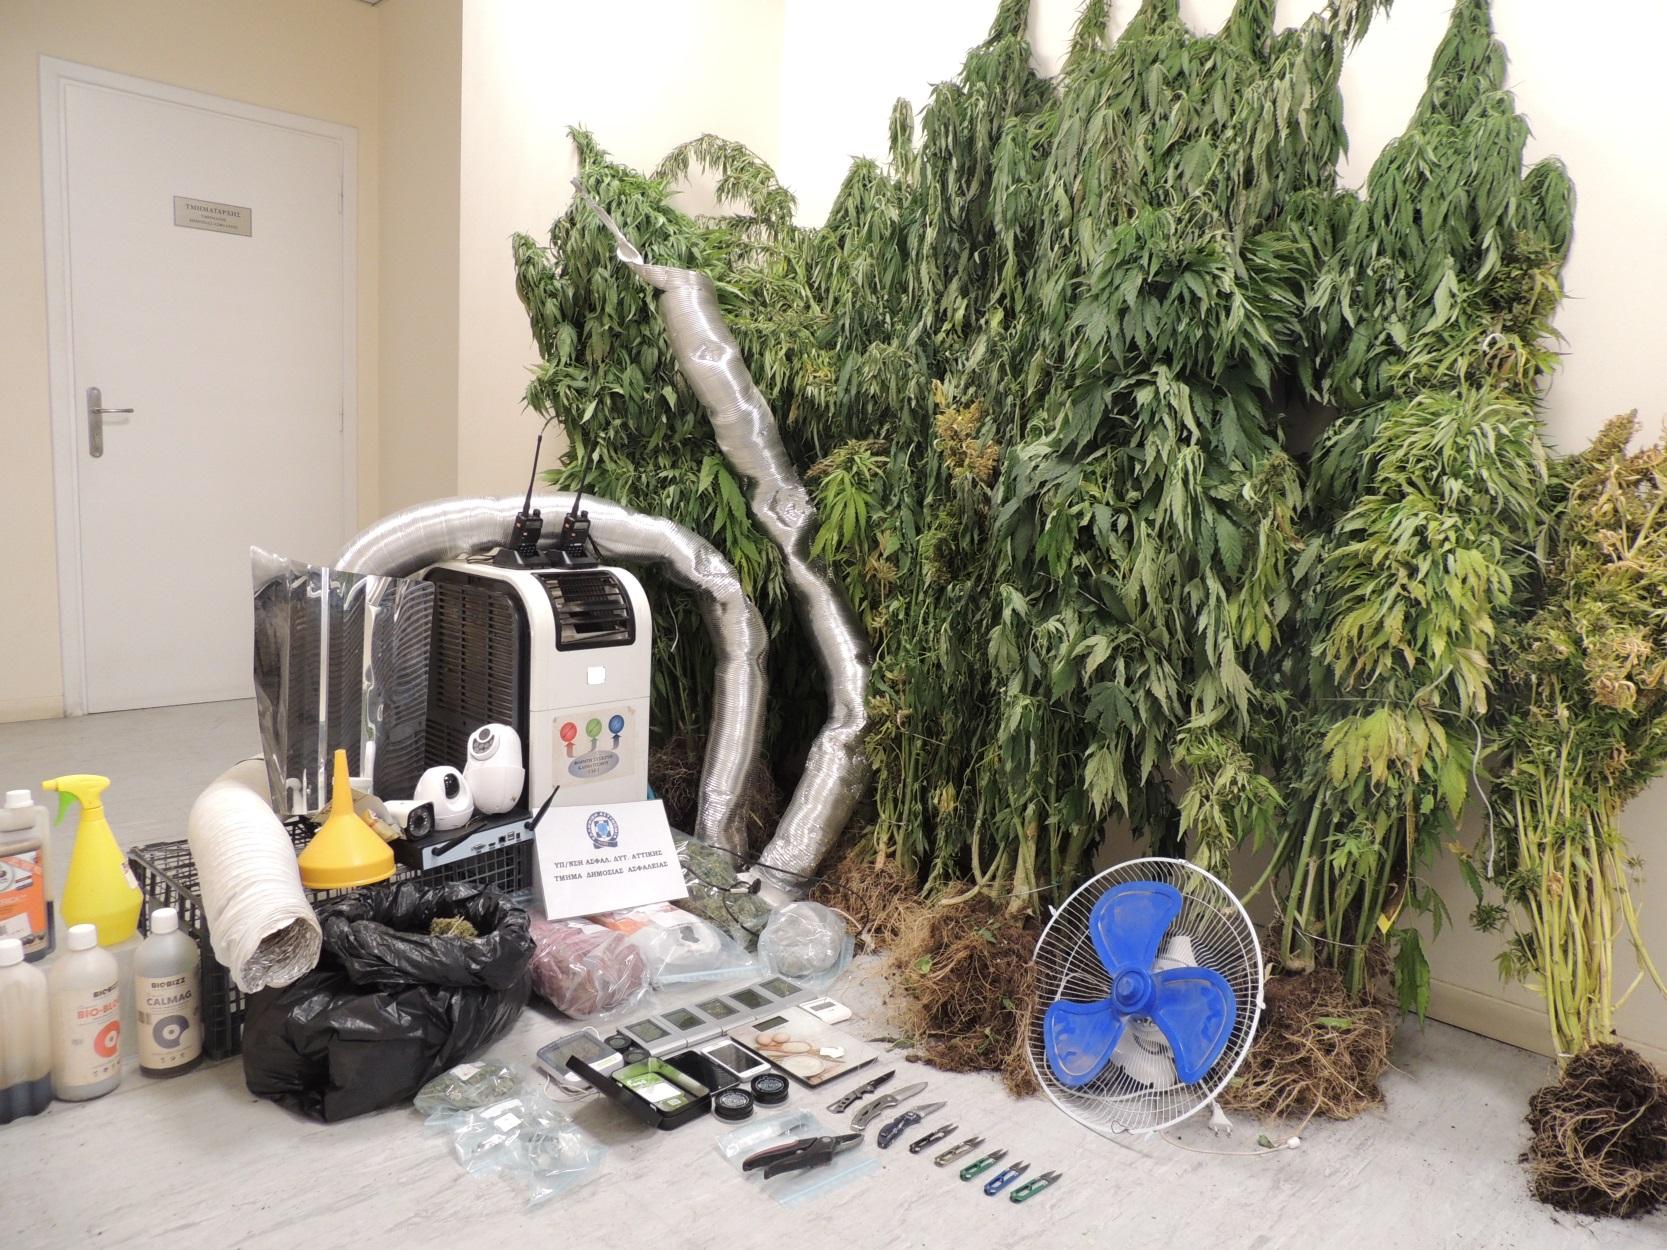 Ασπρόπυργος: Συλλήψεις για φυτεία υδροπονικής καλλιέργειας κάνναβης (pic)